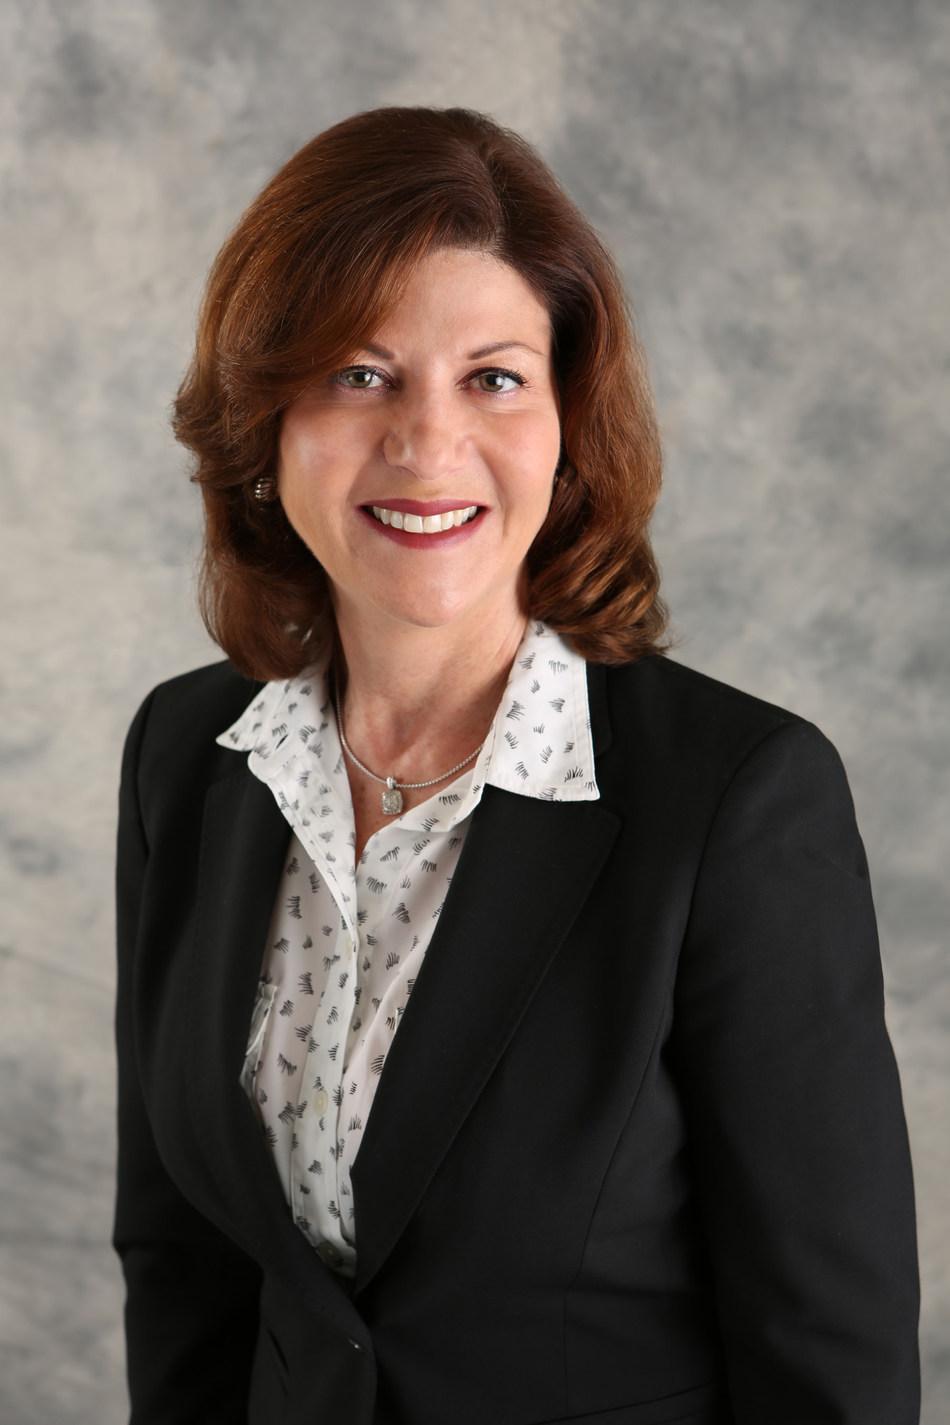 Dolores Calicchio